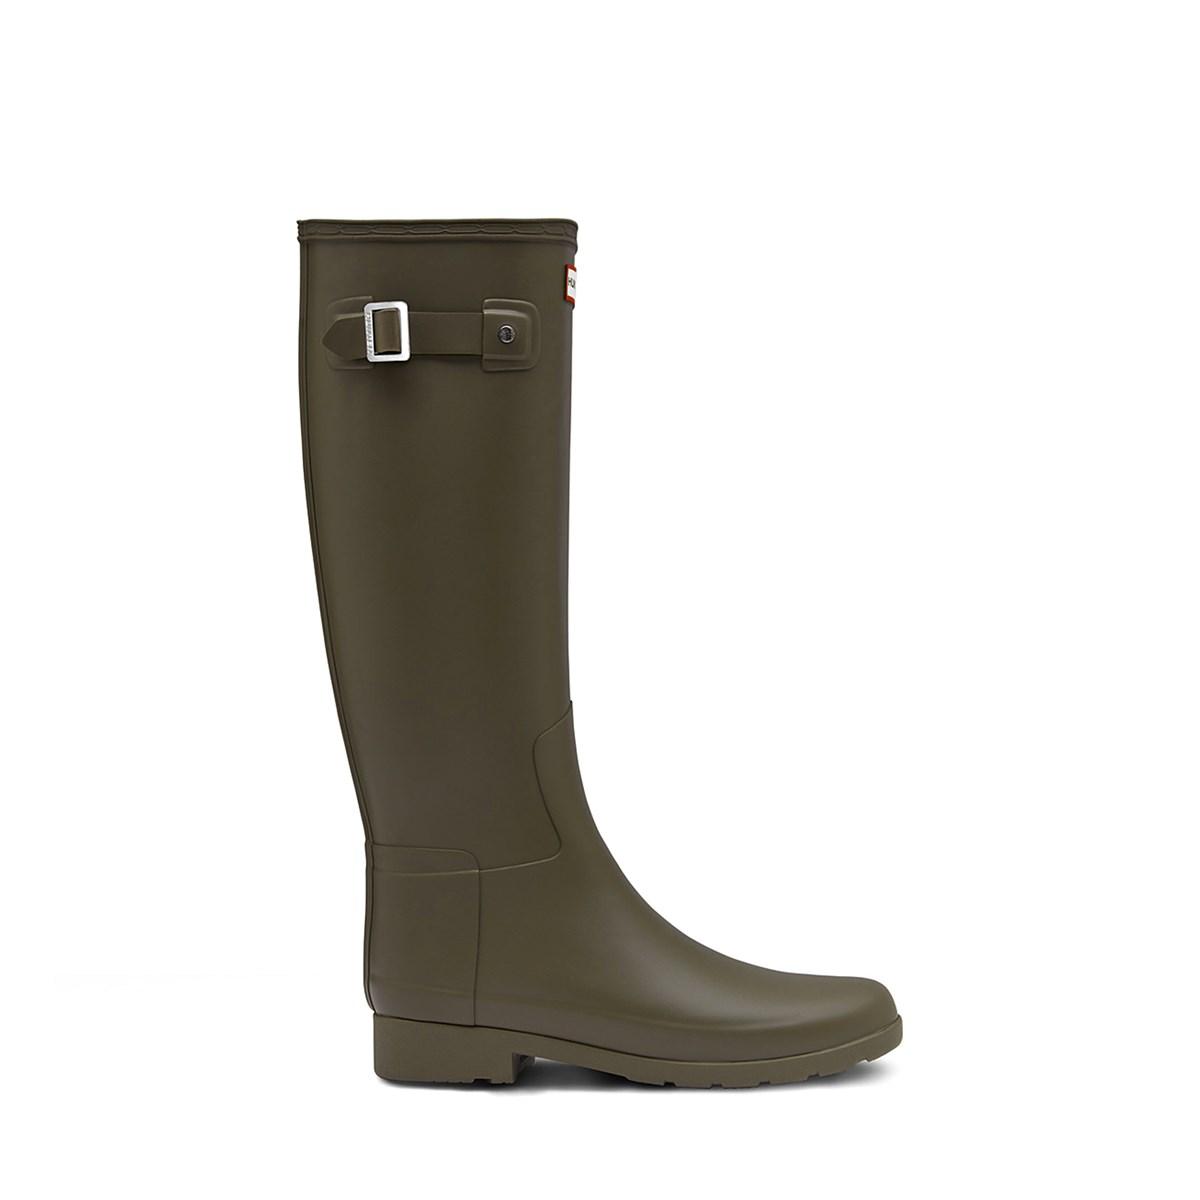 Women's Original Green Tall Refined Rain Boots